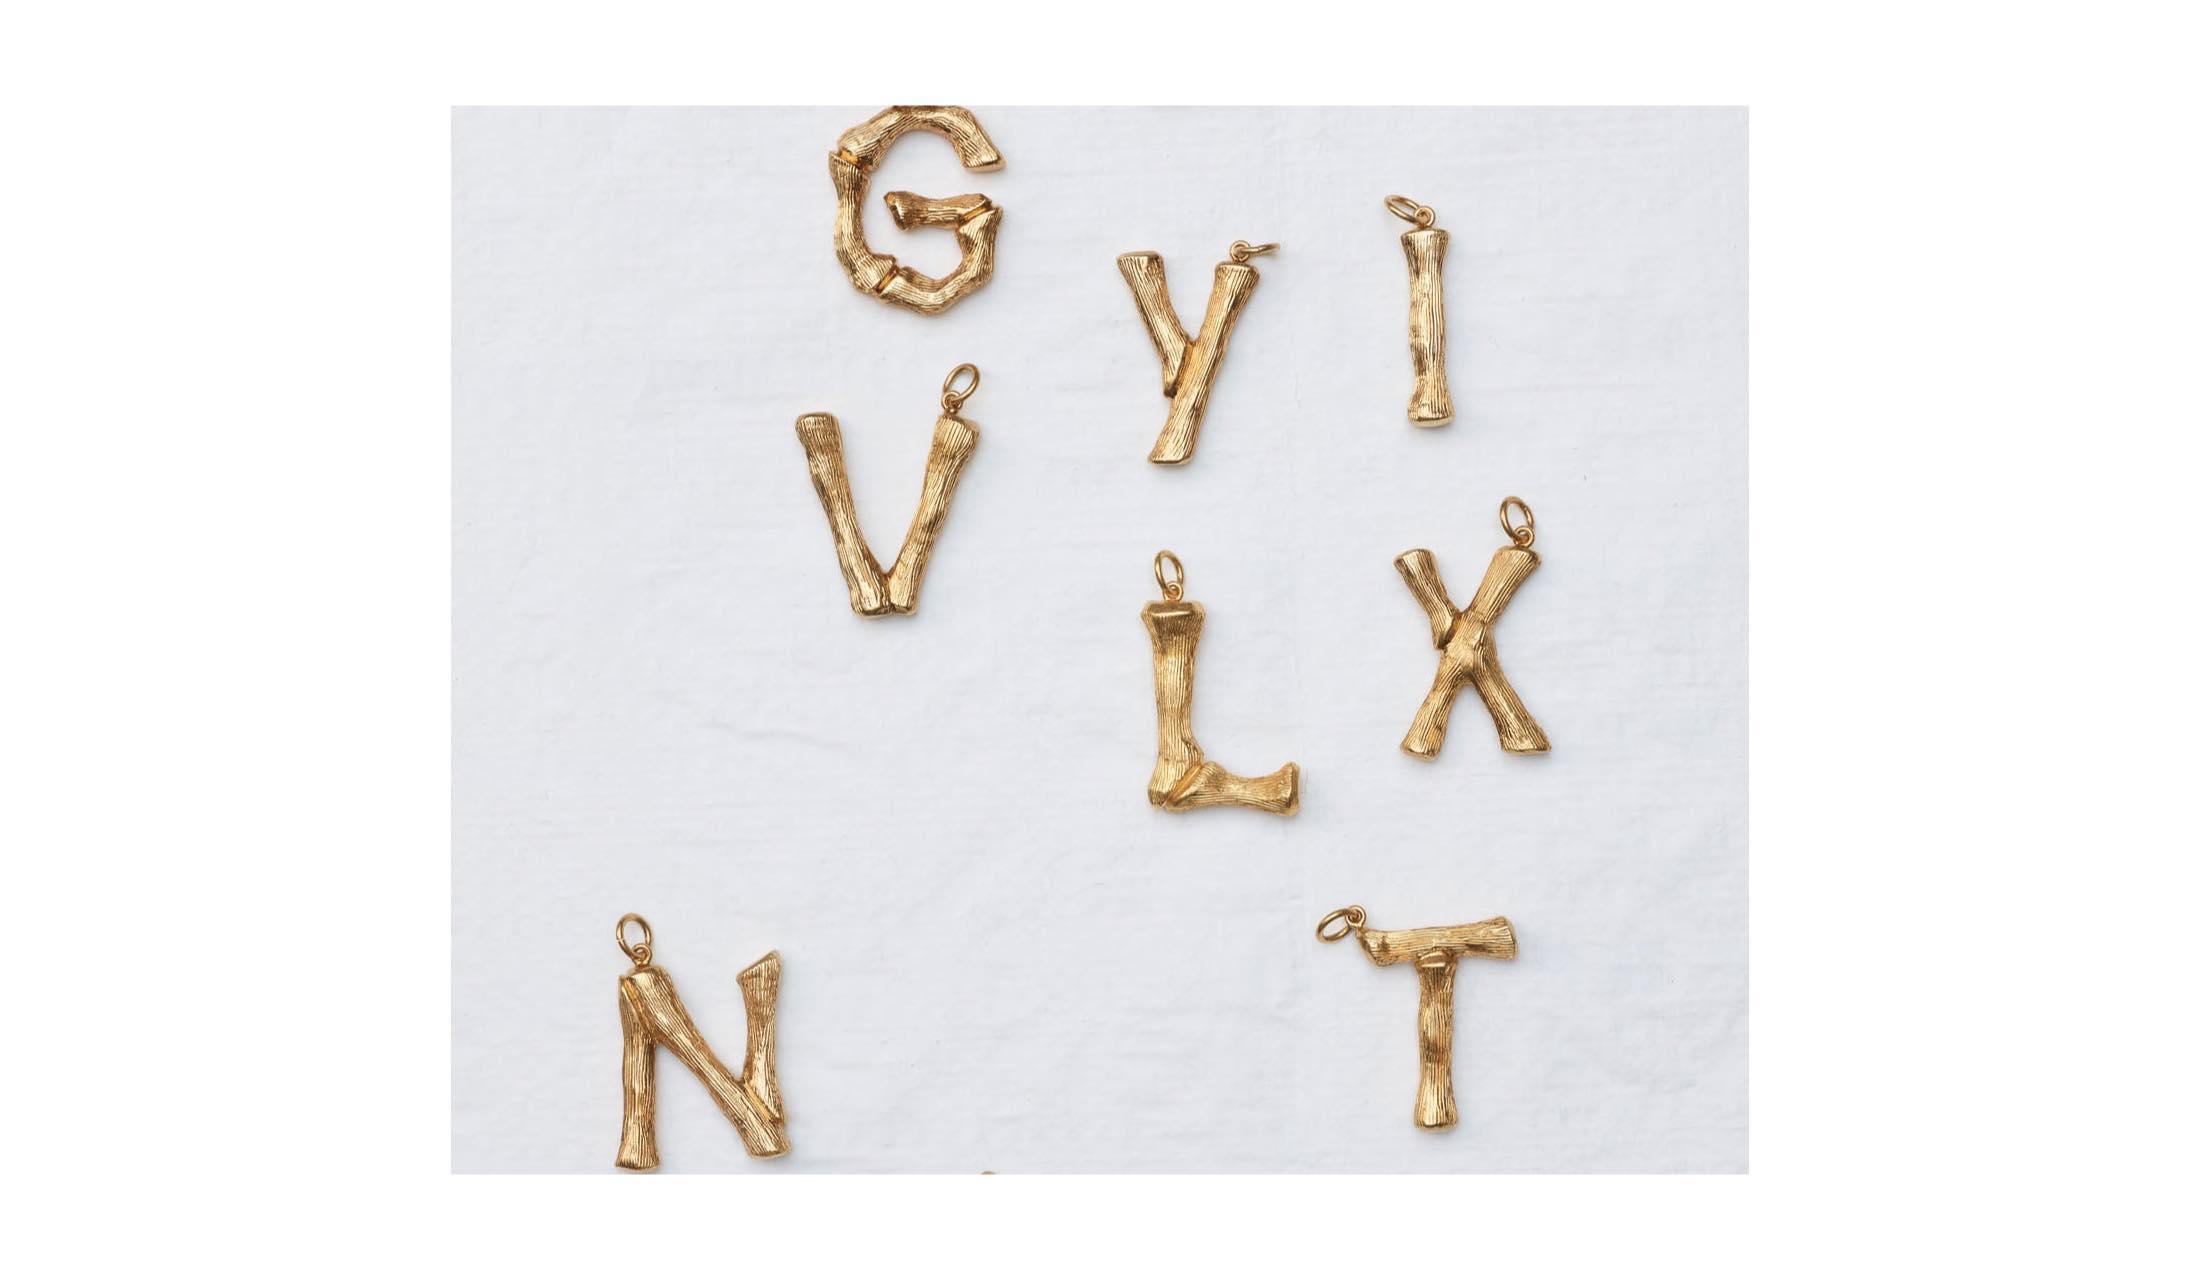 セリーヌのアルファベットチャームの写真